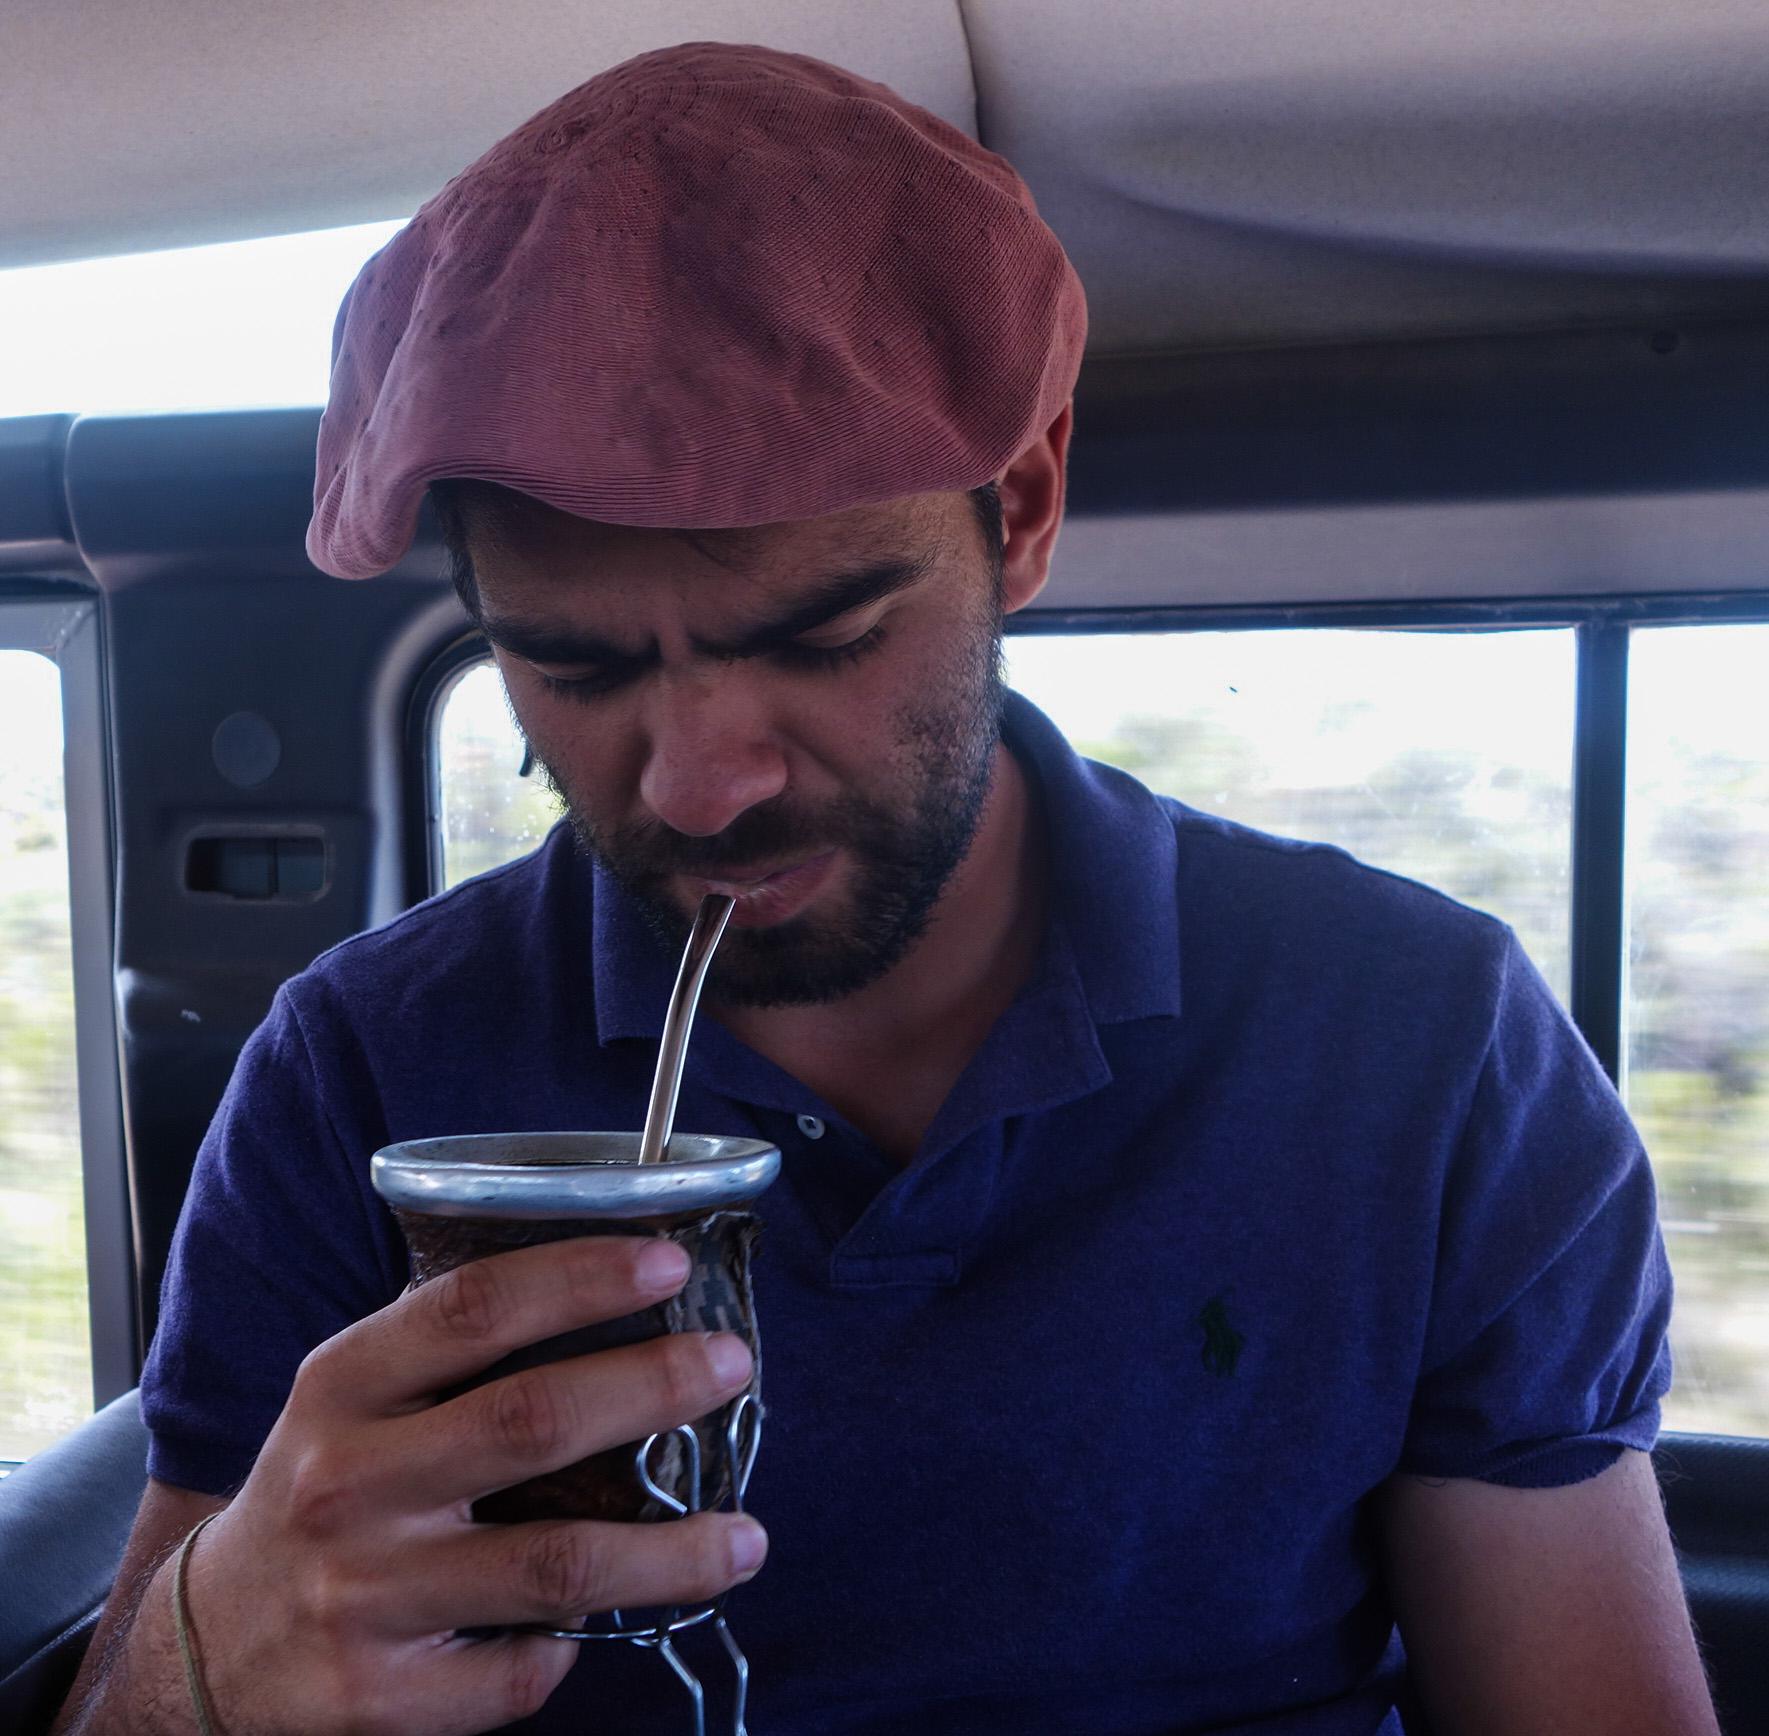 Boire le mate en Argentine